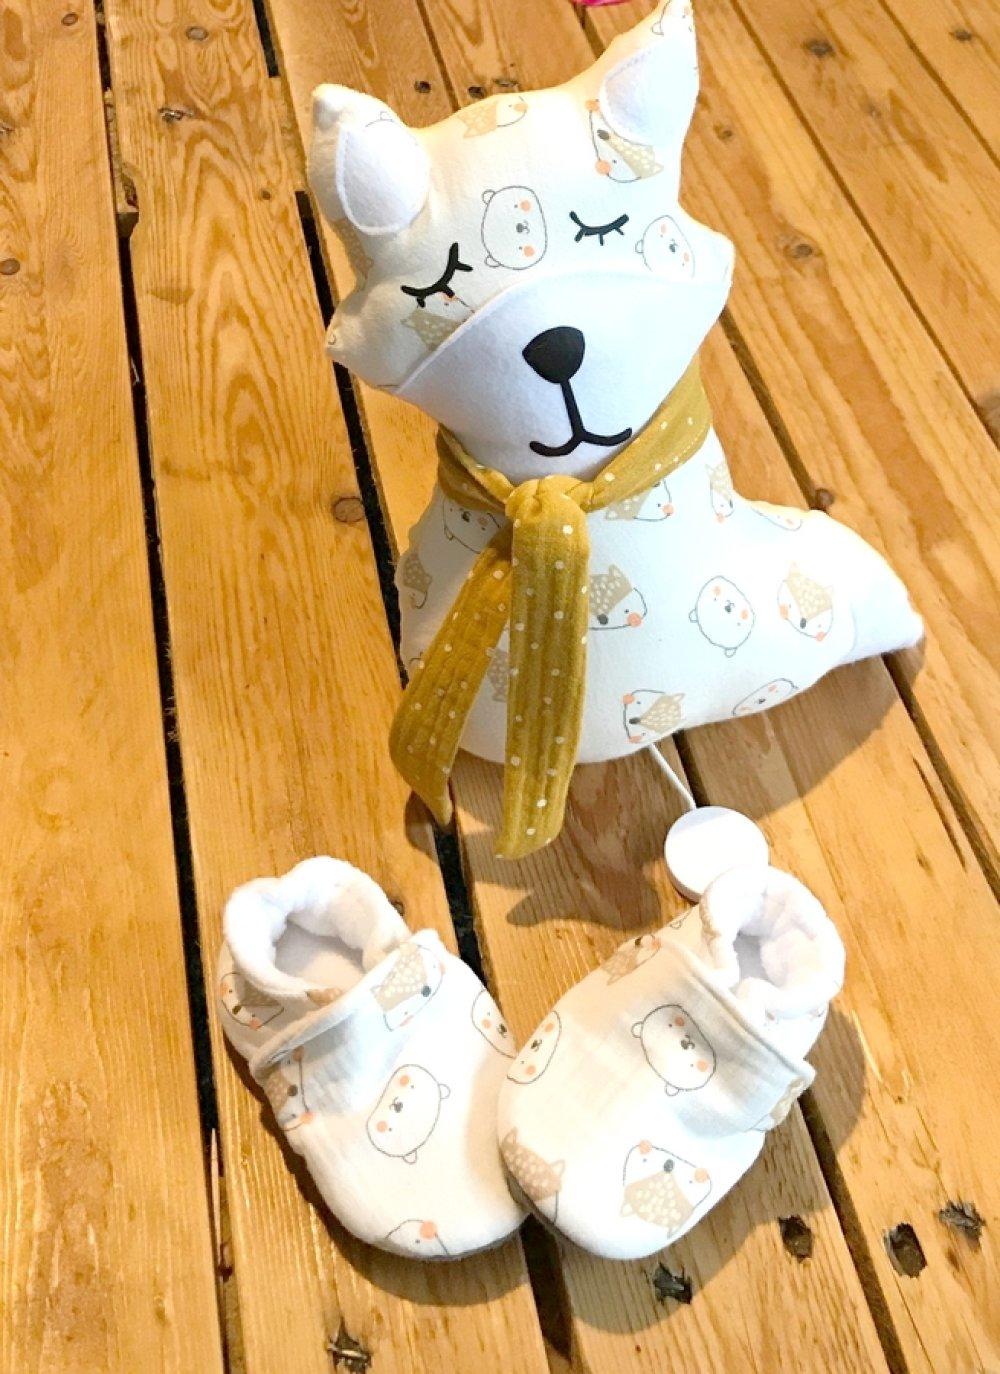 ensemble naissance, kit cadeau , baby box, coffret cadeau naissance, chaussons bébé, renard musical